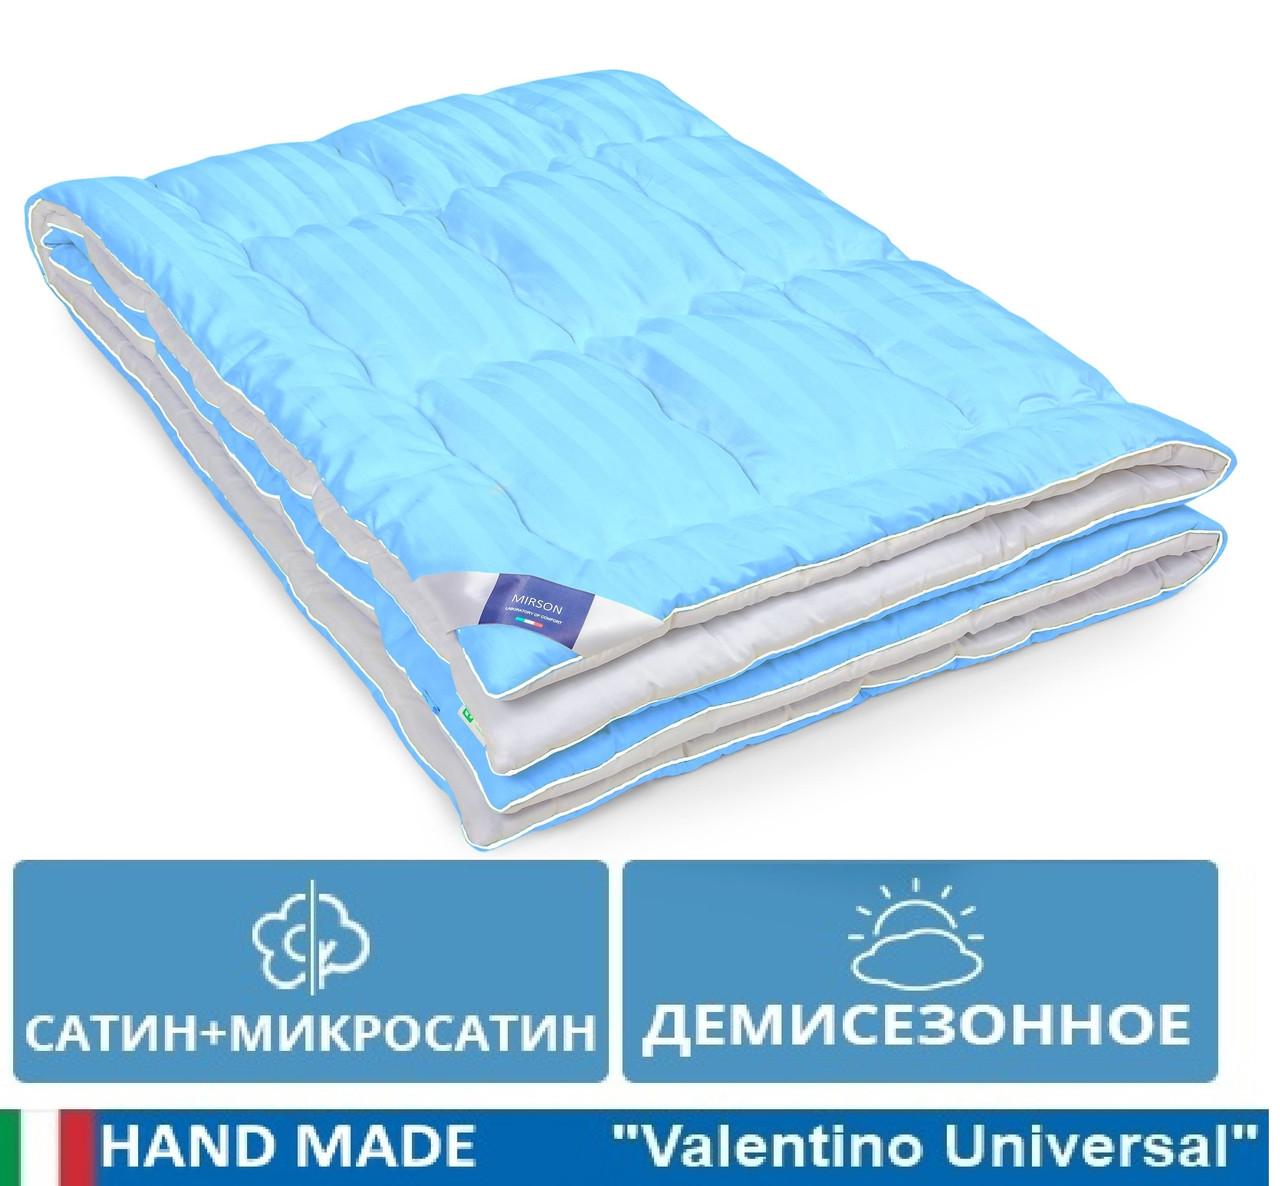 Одеяло двуспальное Демисезон Евро 200x220 Valentino HAND MADE EcoSilk 0551